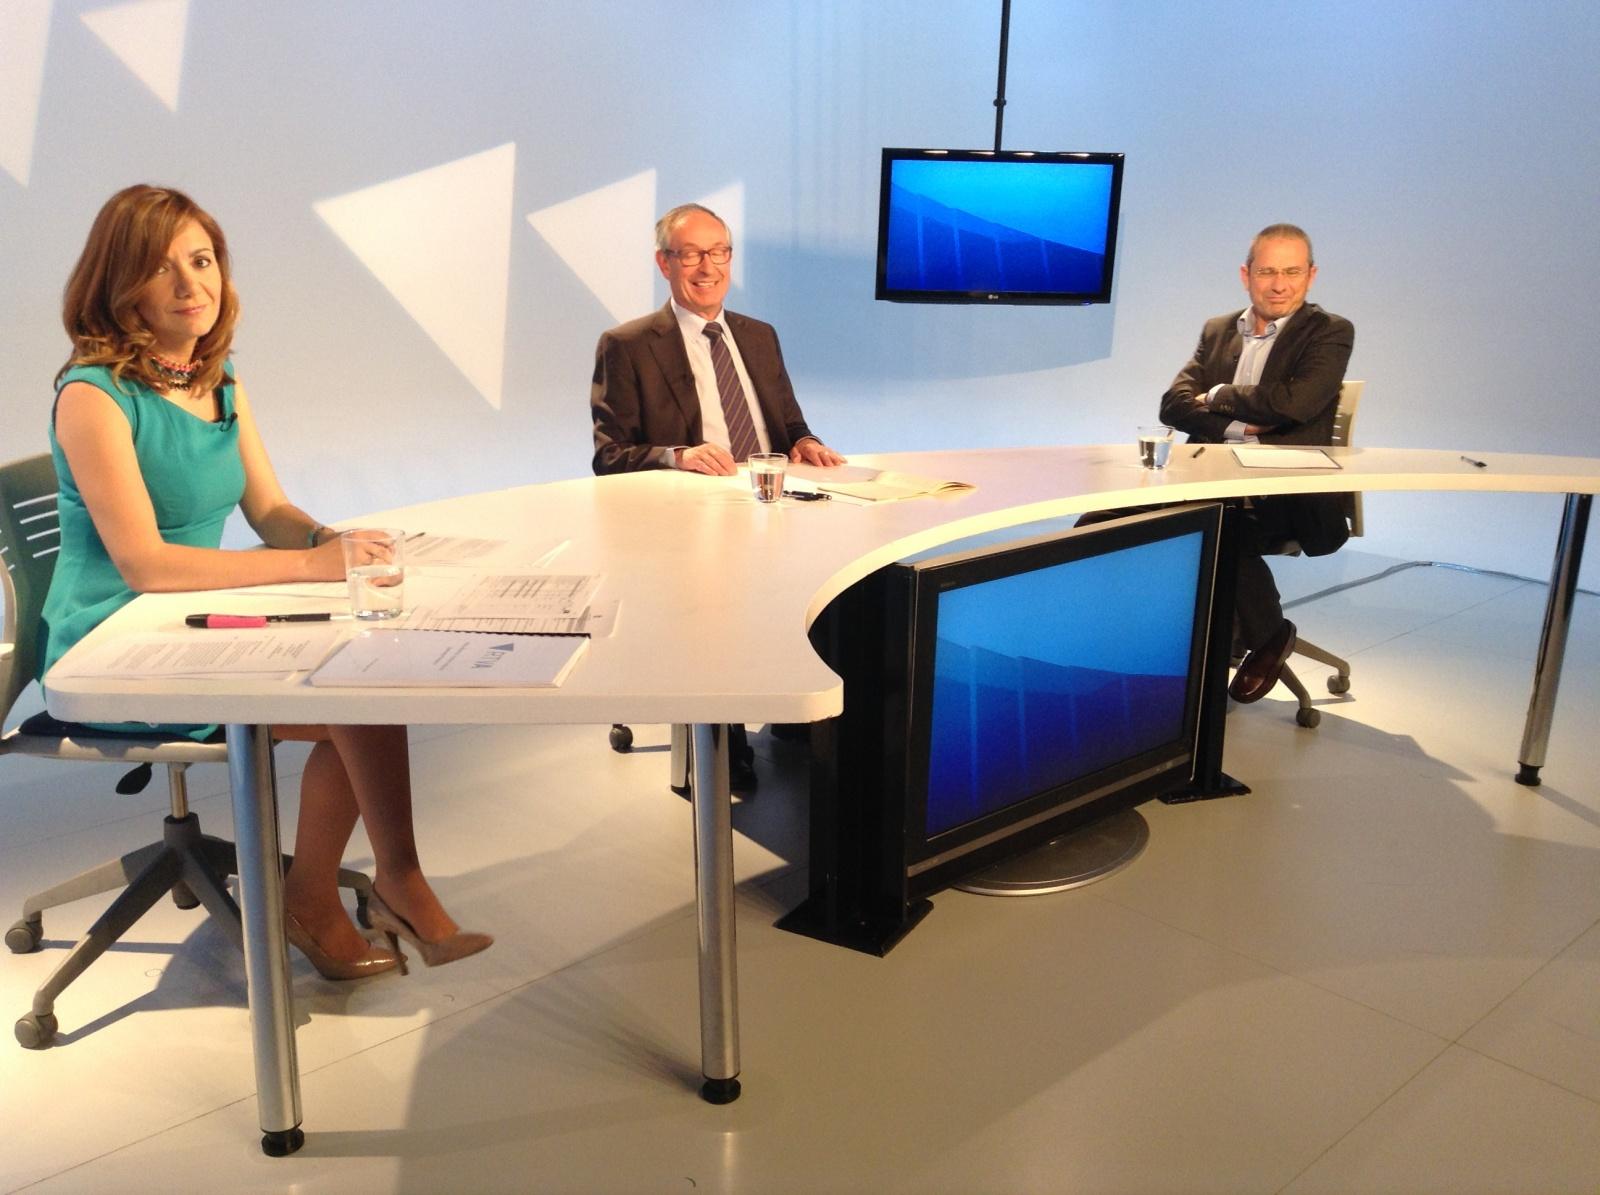 Especial visita François Hollande programa complet ATV dijous 12 de juny